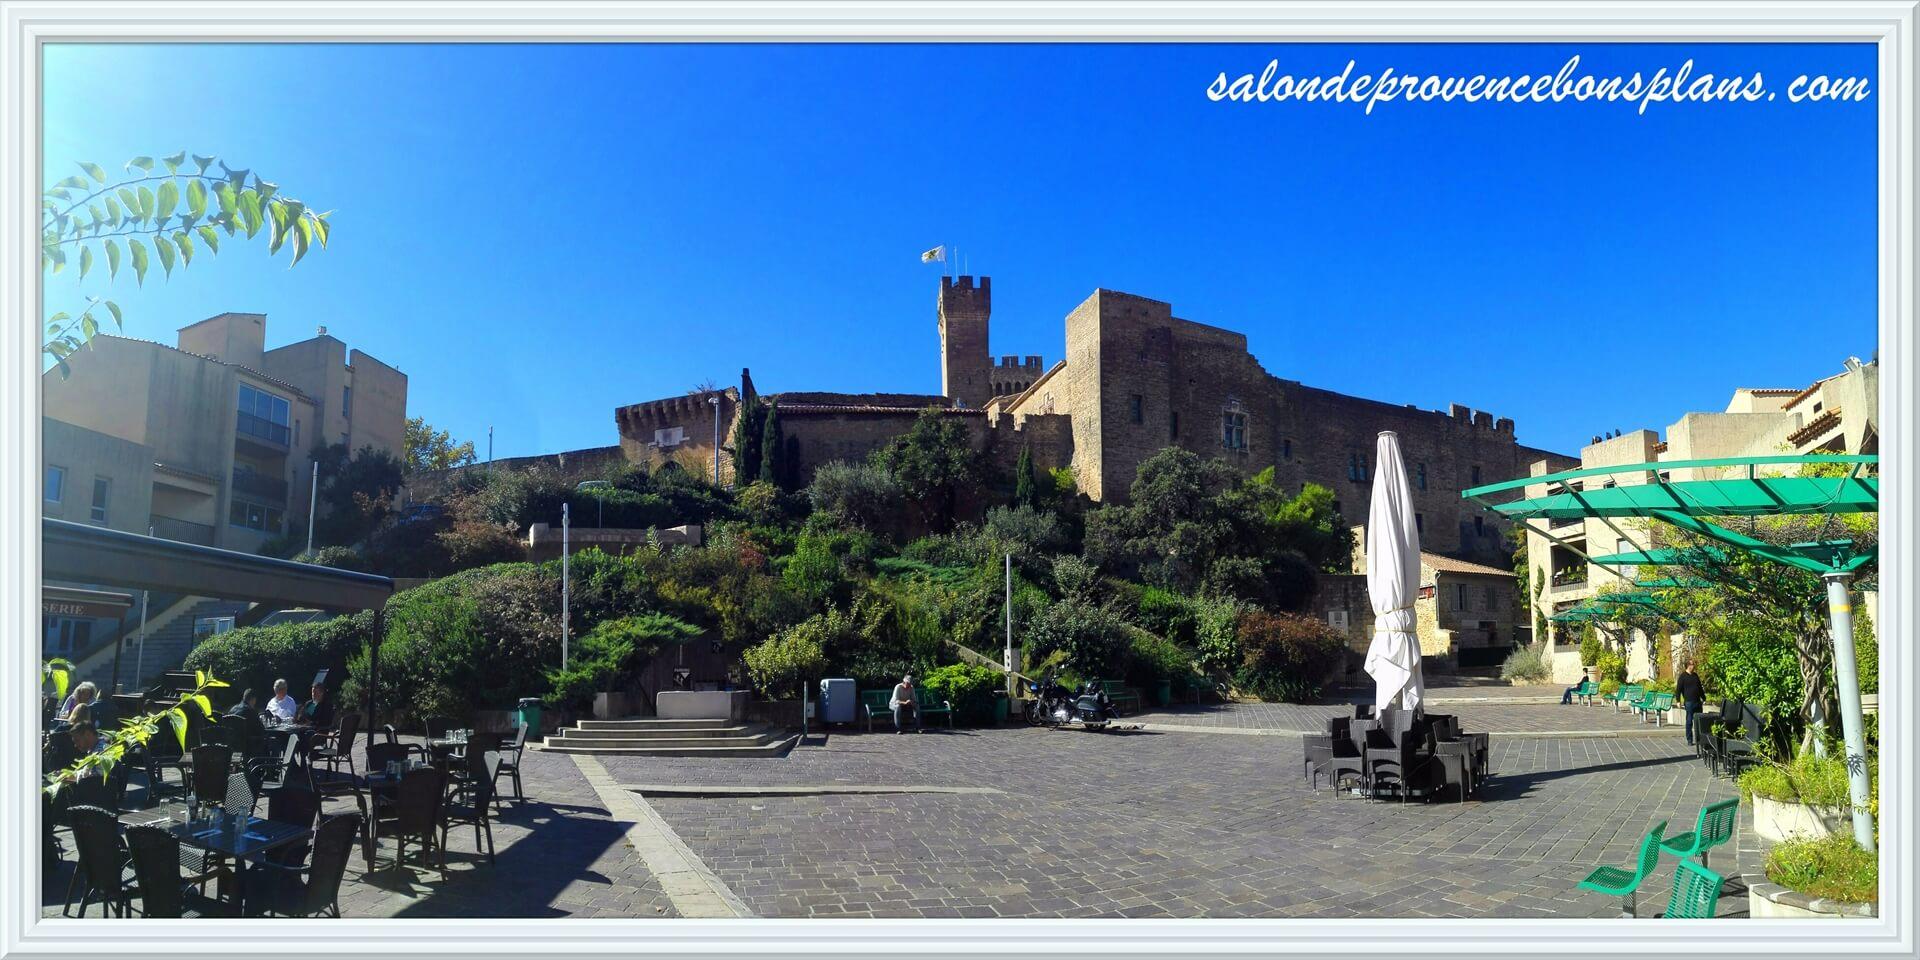 Retrouvez les photos de salon de provence - Chateau salon de provence ...